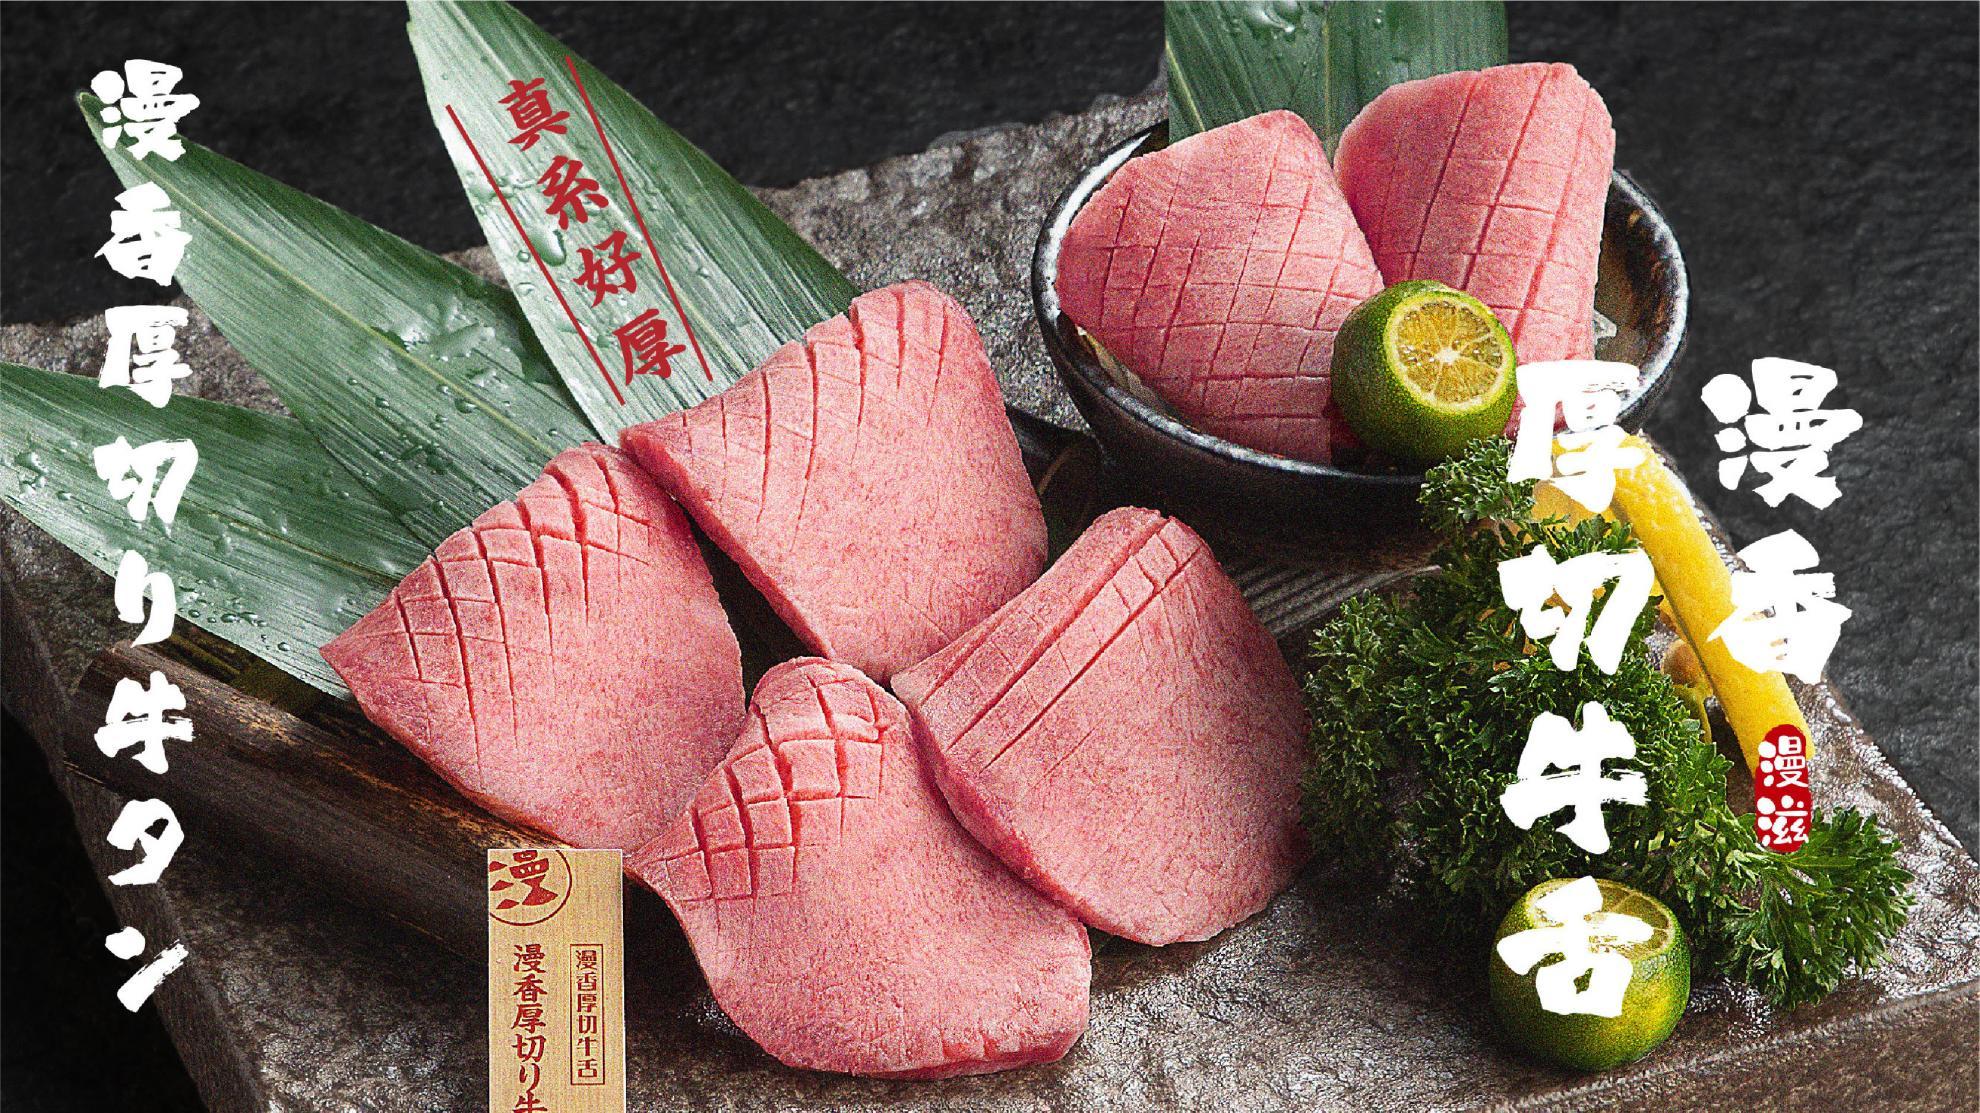 漫滋,漫滋烧肉,漫滋烧肉居酒屋,日料加盟,日式烤肉加盟